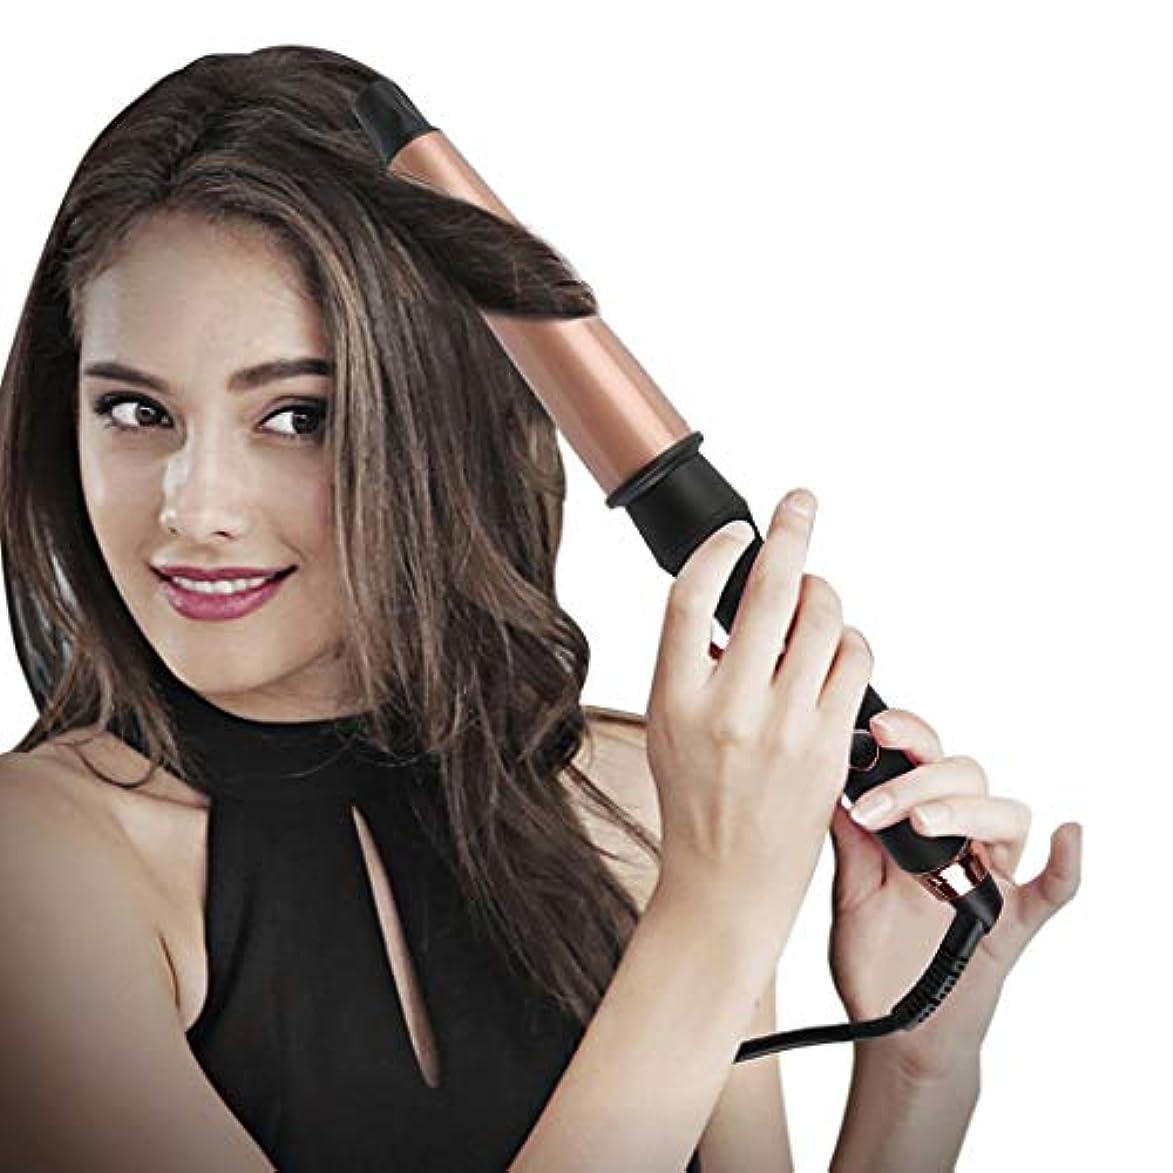 スキニーアクチュエータ簡略化するトルマリンセラミックカーリング鉄カーリングアイロンスパイラルヘアスティック手袋を送信する髪カーラーパーマ液晶自動カーリングアイロンポータブルヘアカーラー髪を傷つけるしない